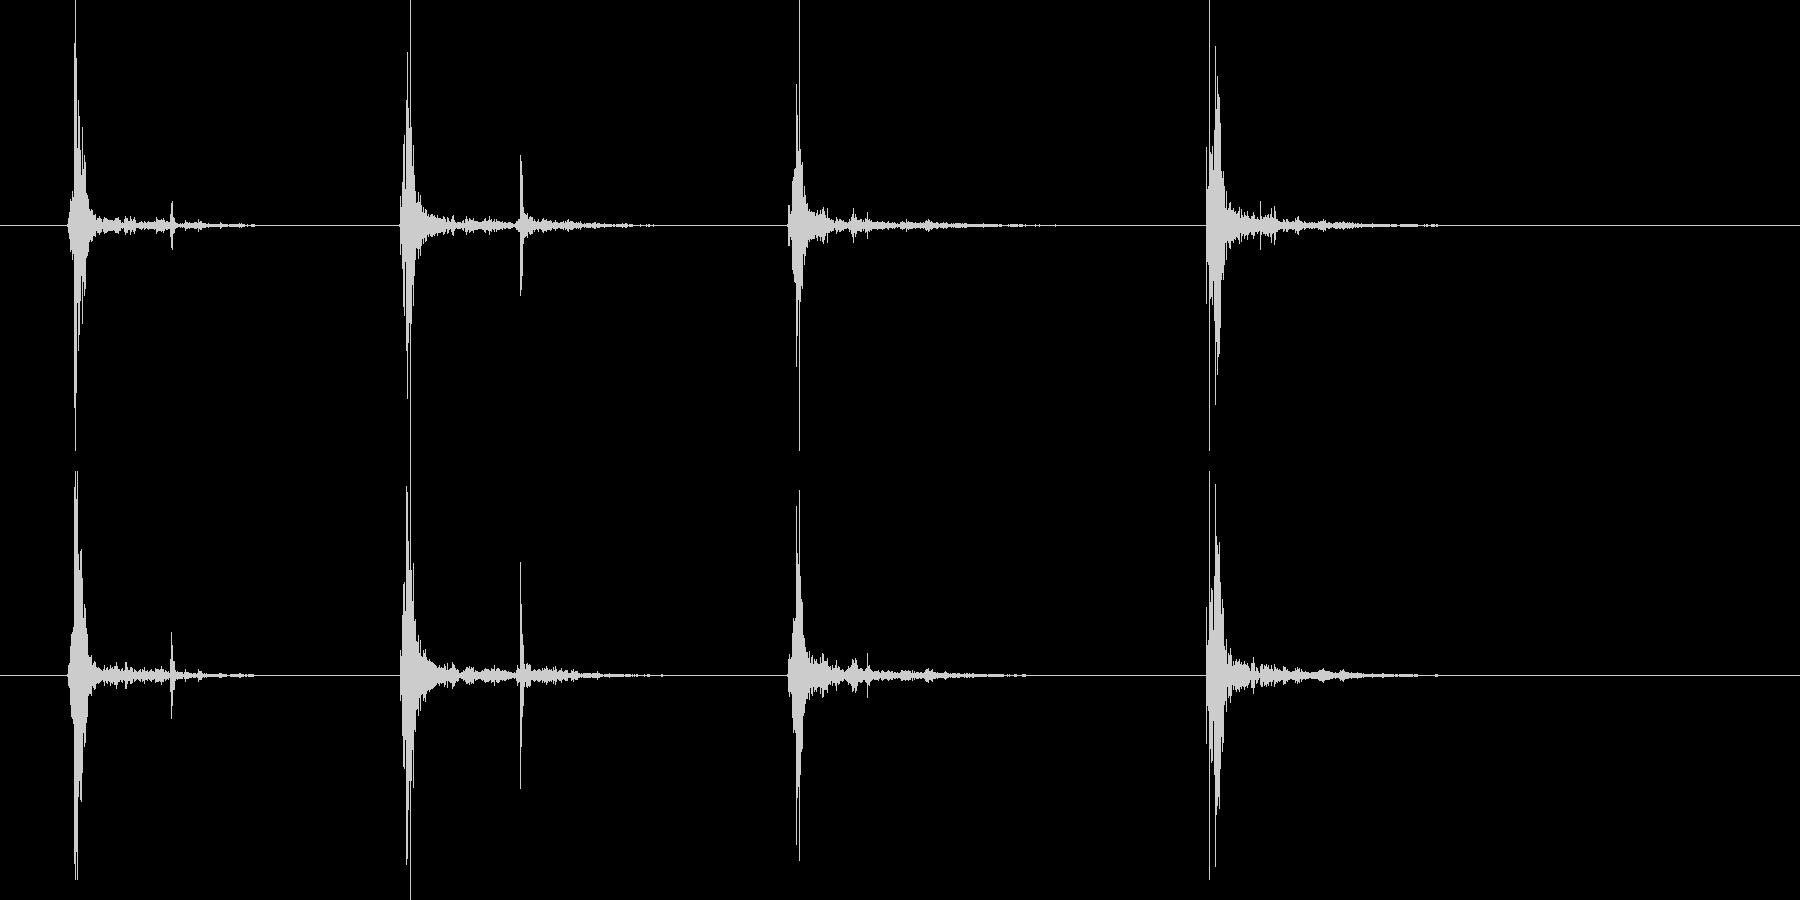 バスケットボールスラムダンク(4x...の未再生の波形